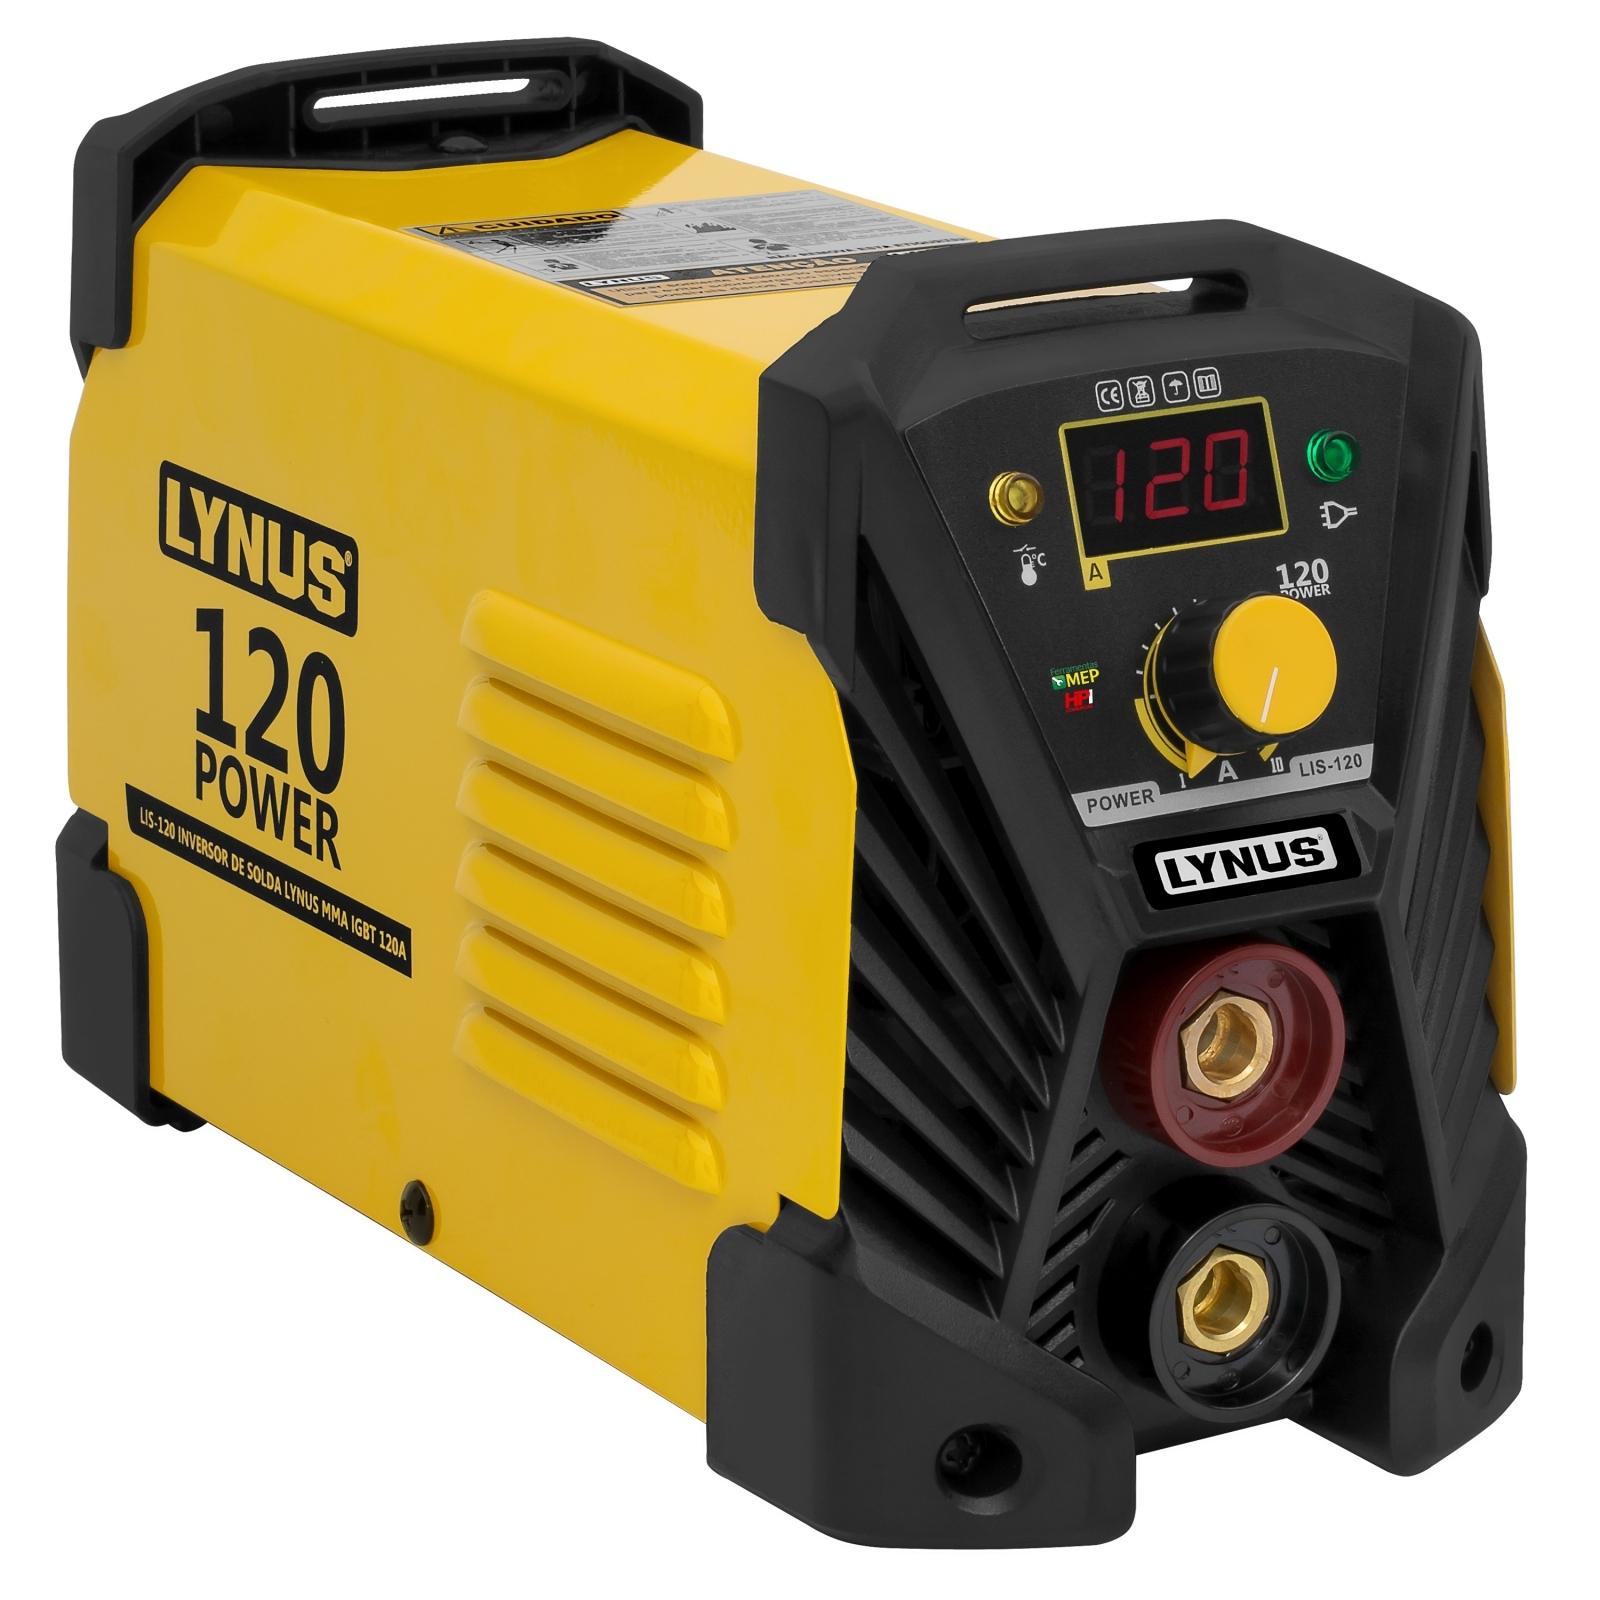 Inversora De Solda Eletrodo Lynus 120amp Bivolt Lis-120 L12 - Ferramentas MEP